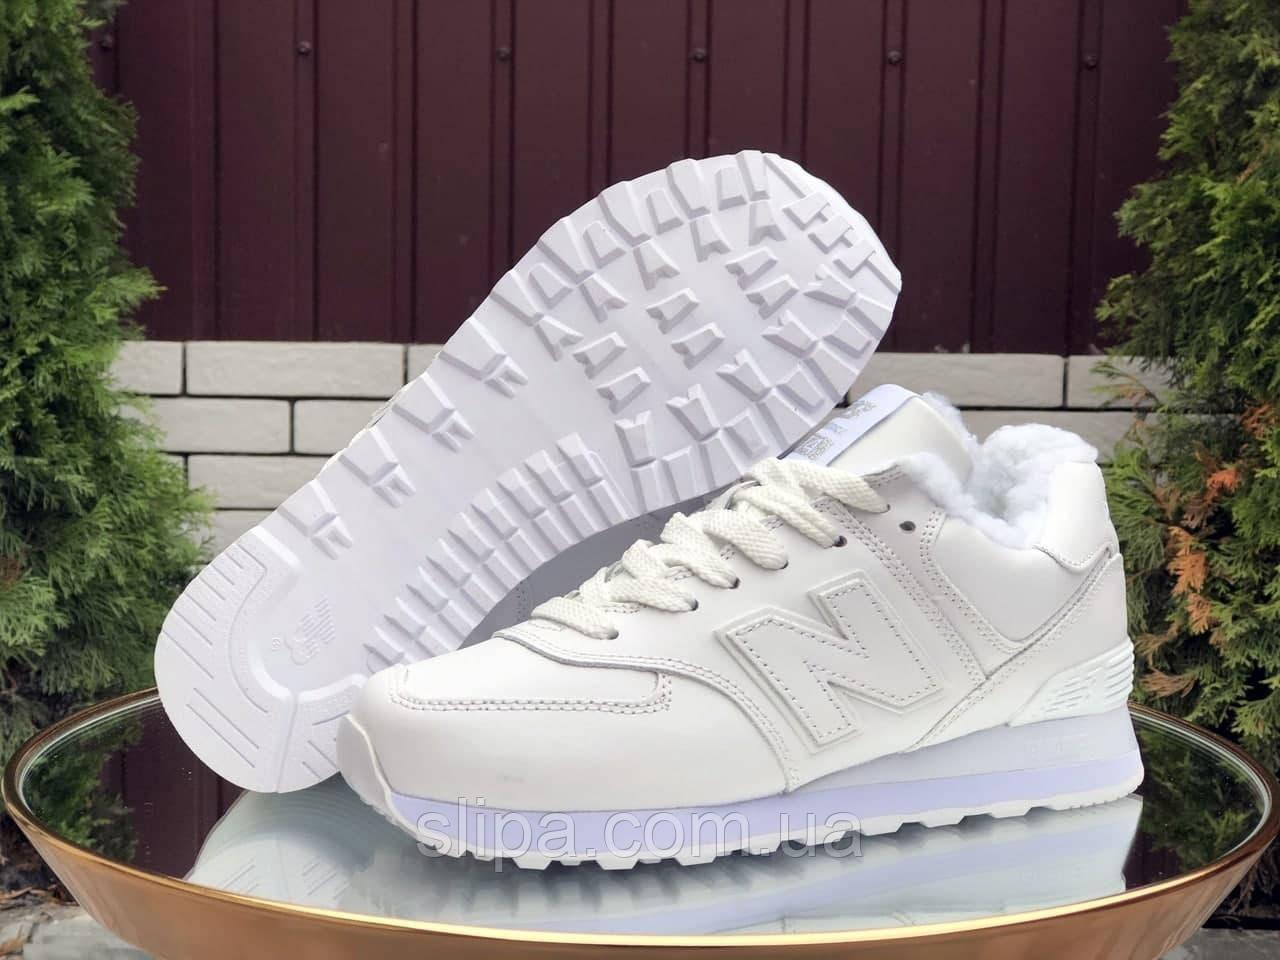 Жіночі зимові шкіряні кросівки New Balance білі